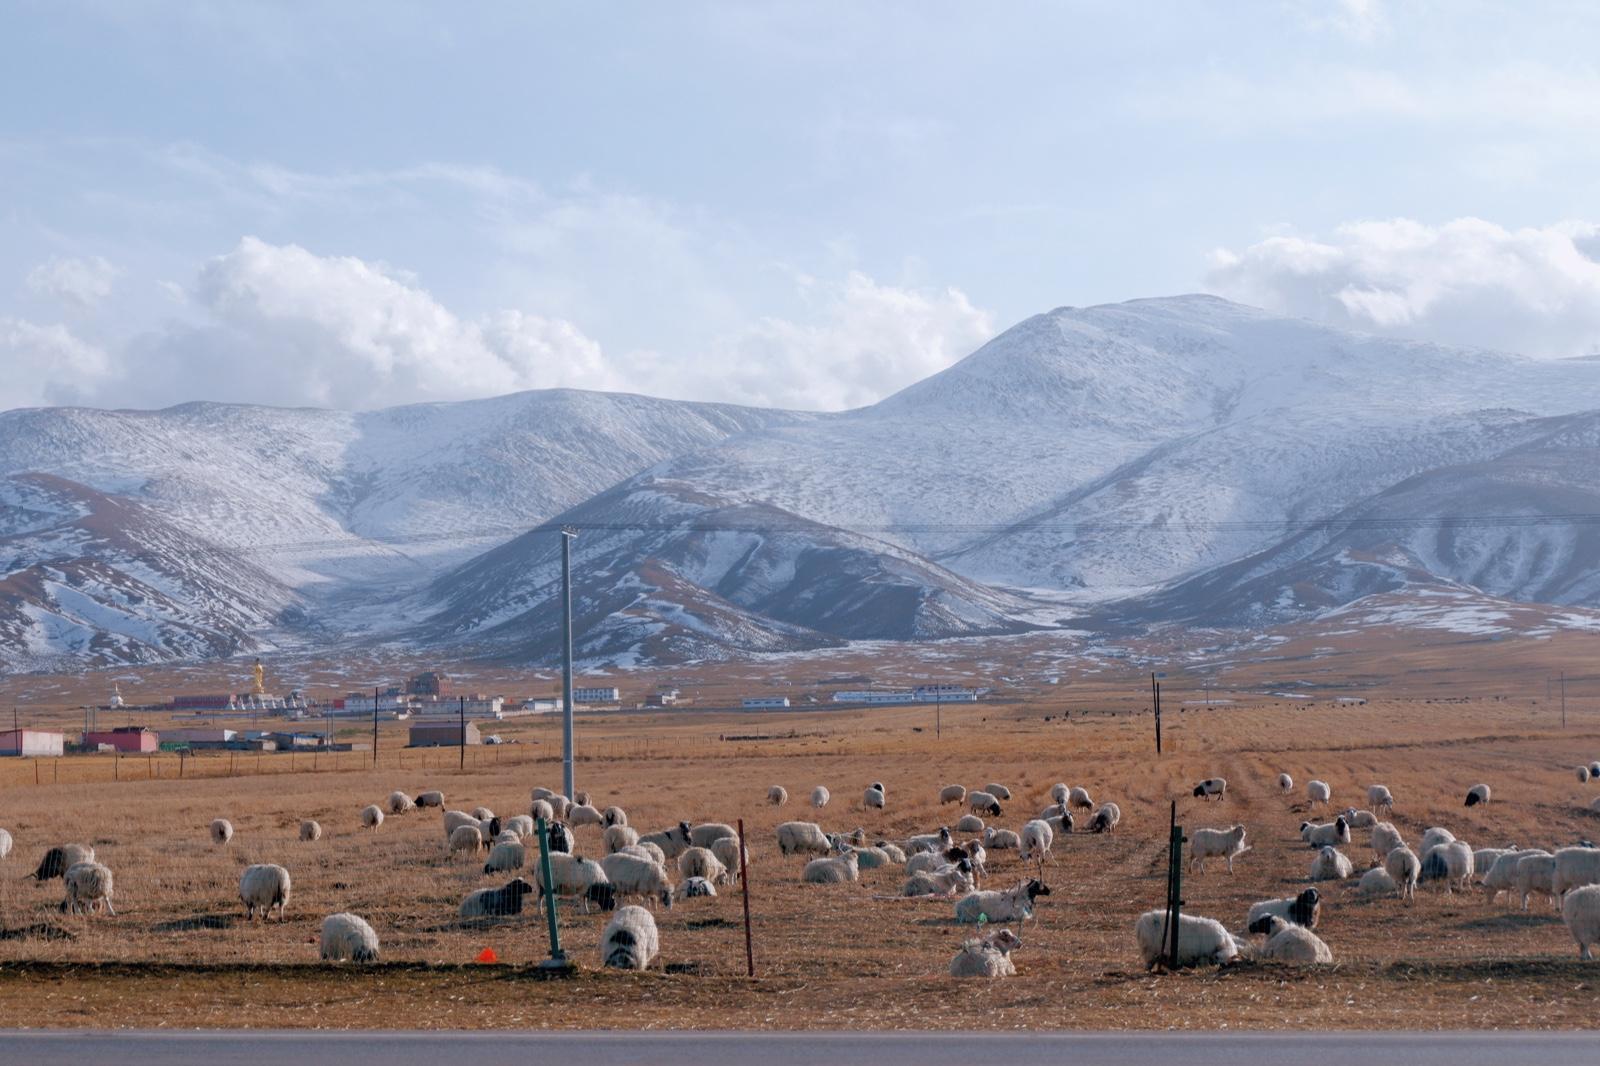 西北游記/冬季徒搭青海湖,與雪山羊群作伴【附實用攻略+小眾景點+路線圖】